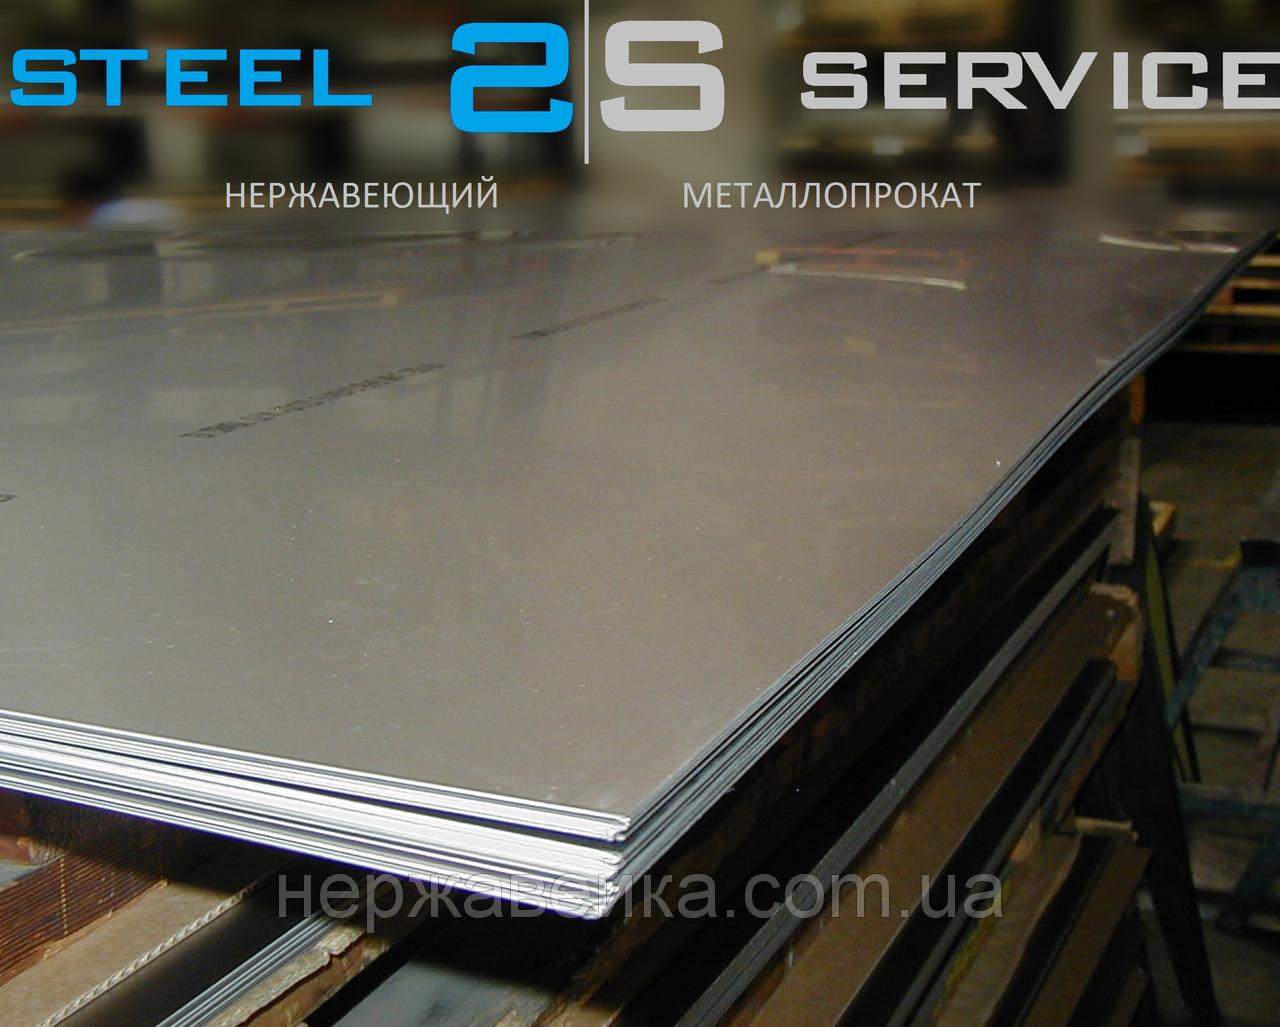 Нержавейка лист 35х1500х6000мм  AISI 321(08Х18Н10Т) F1 - горячекатанный,  пищевой